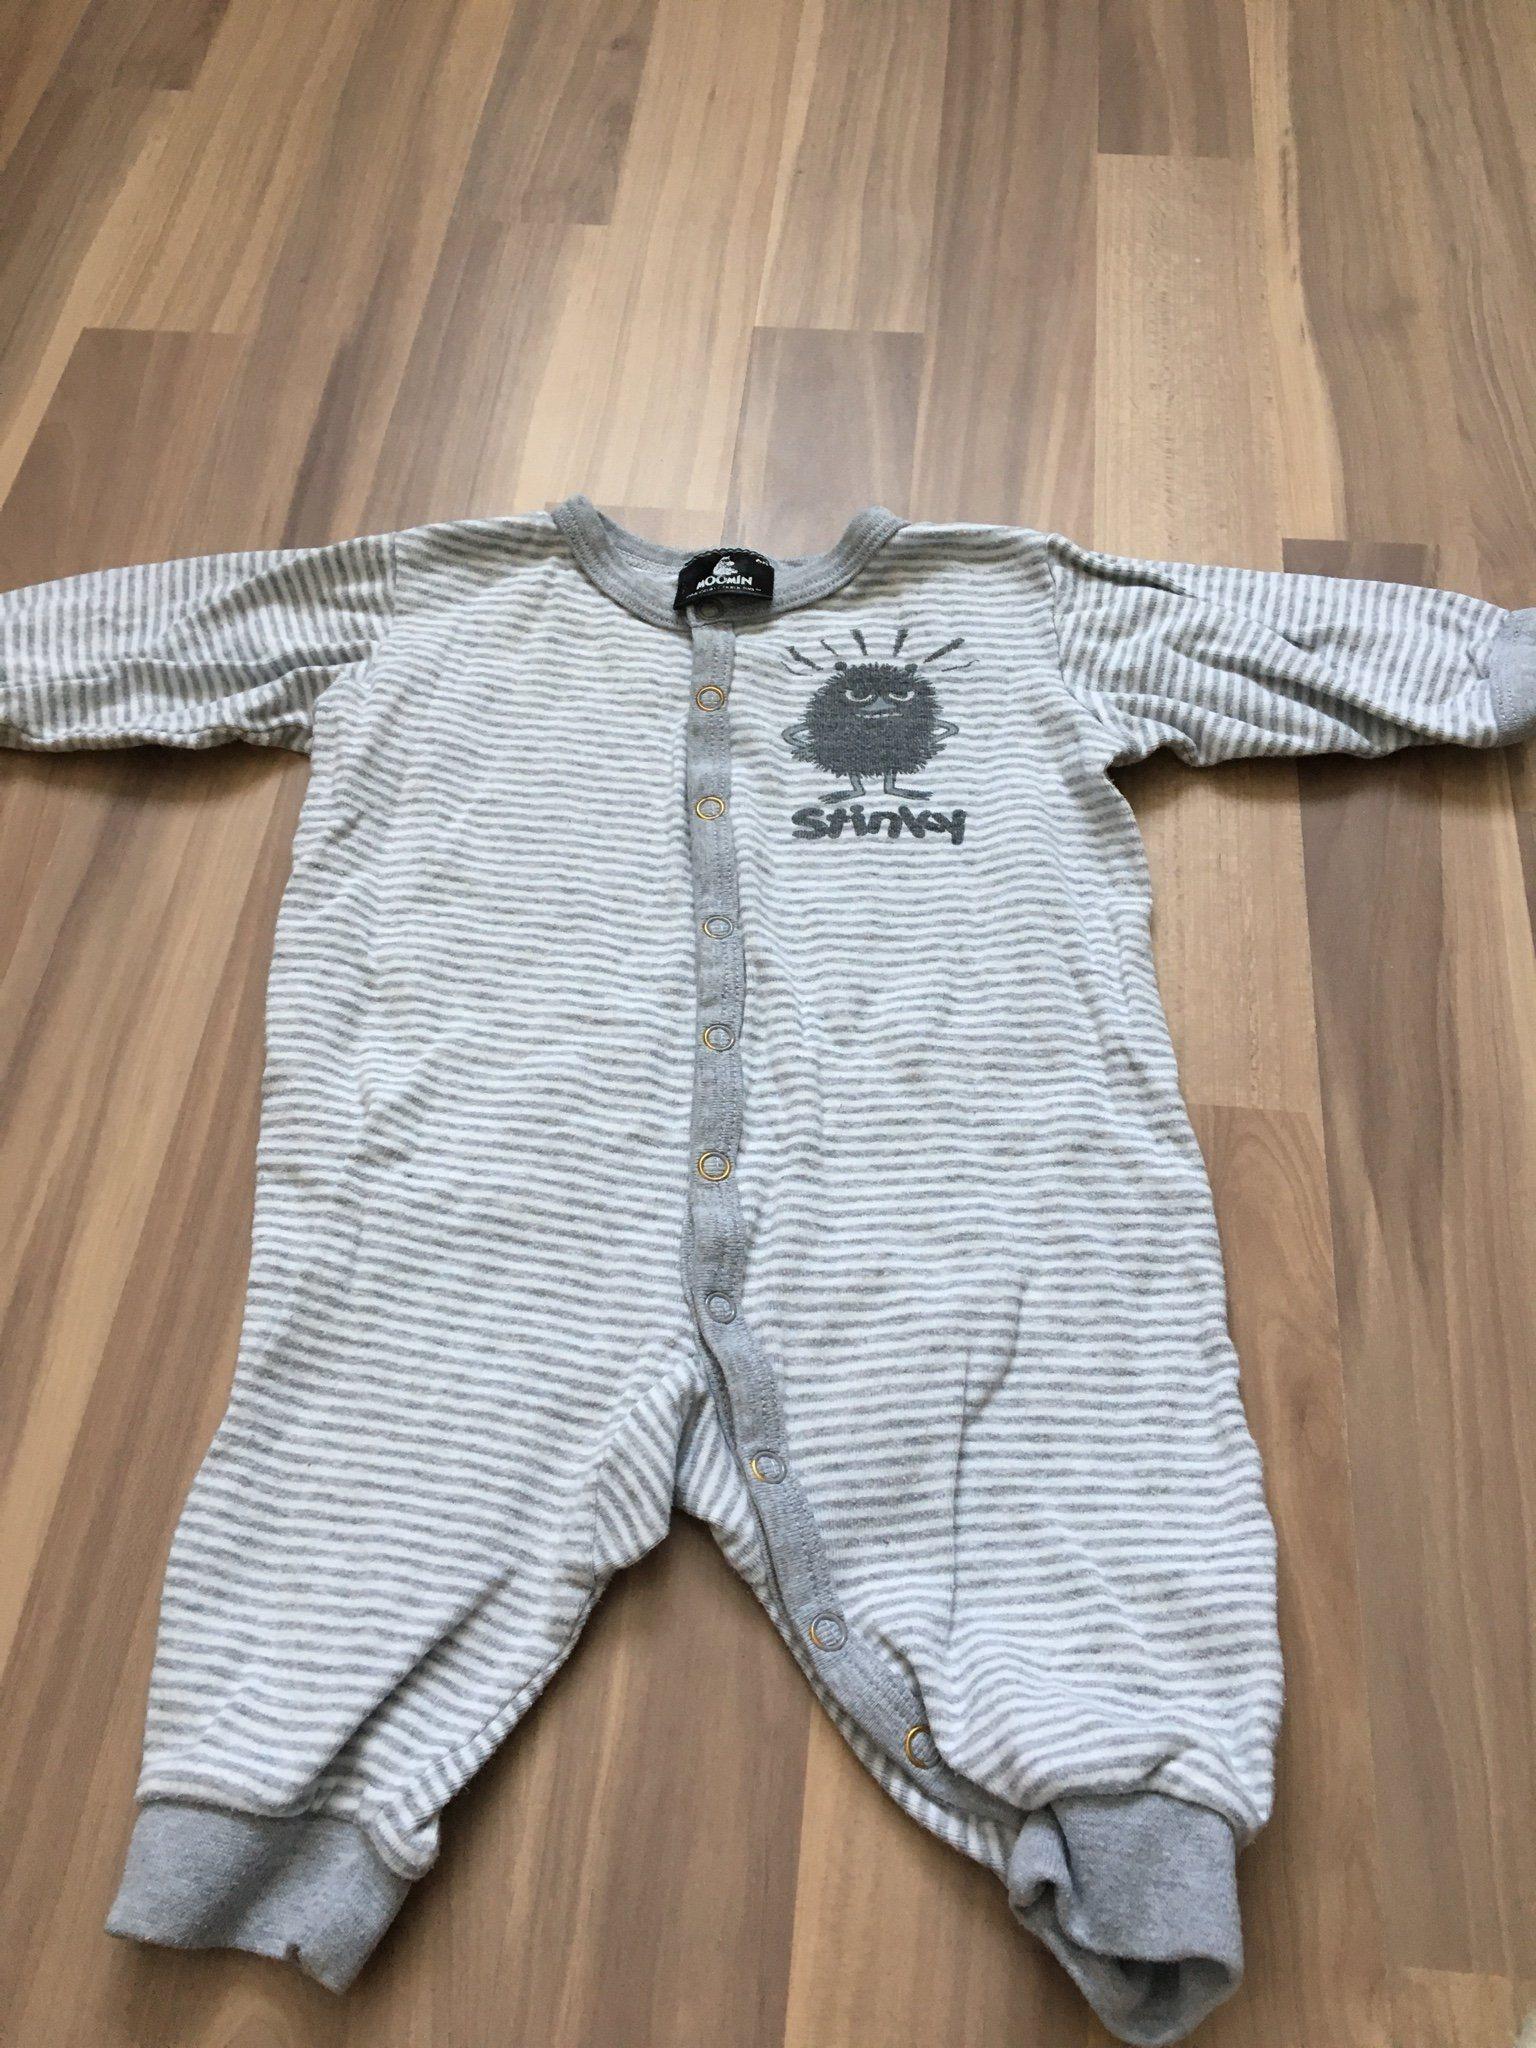 Pyjamas från Moomin stl 68 (339074950) ᐈ Köp på Tradera